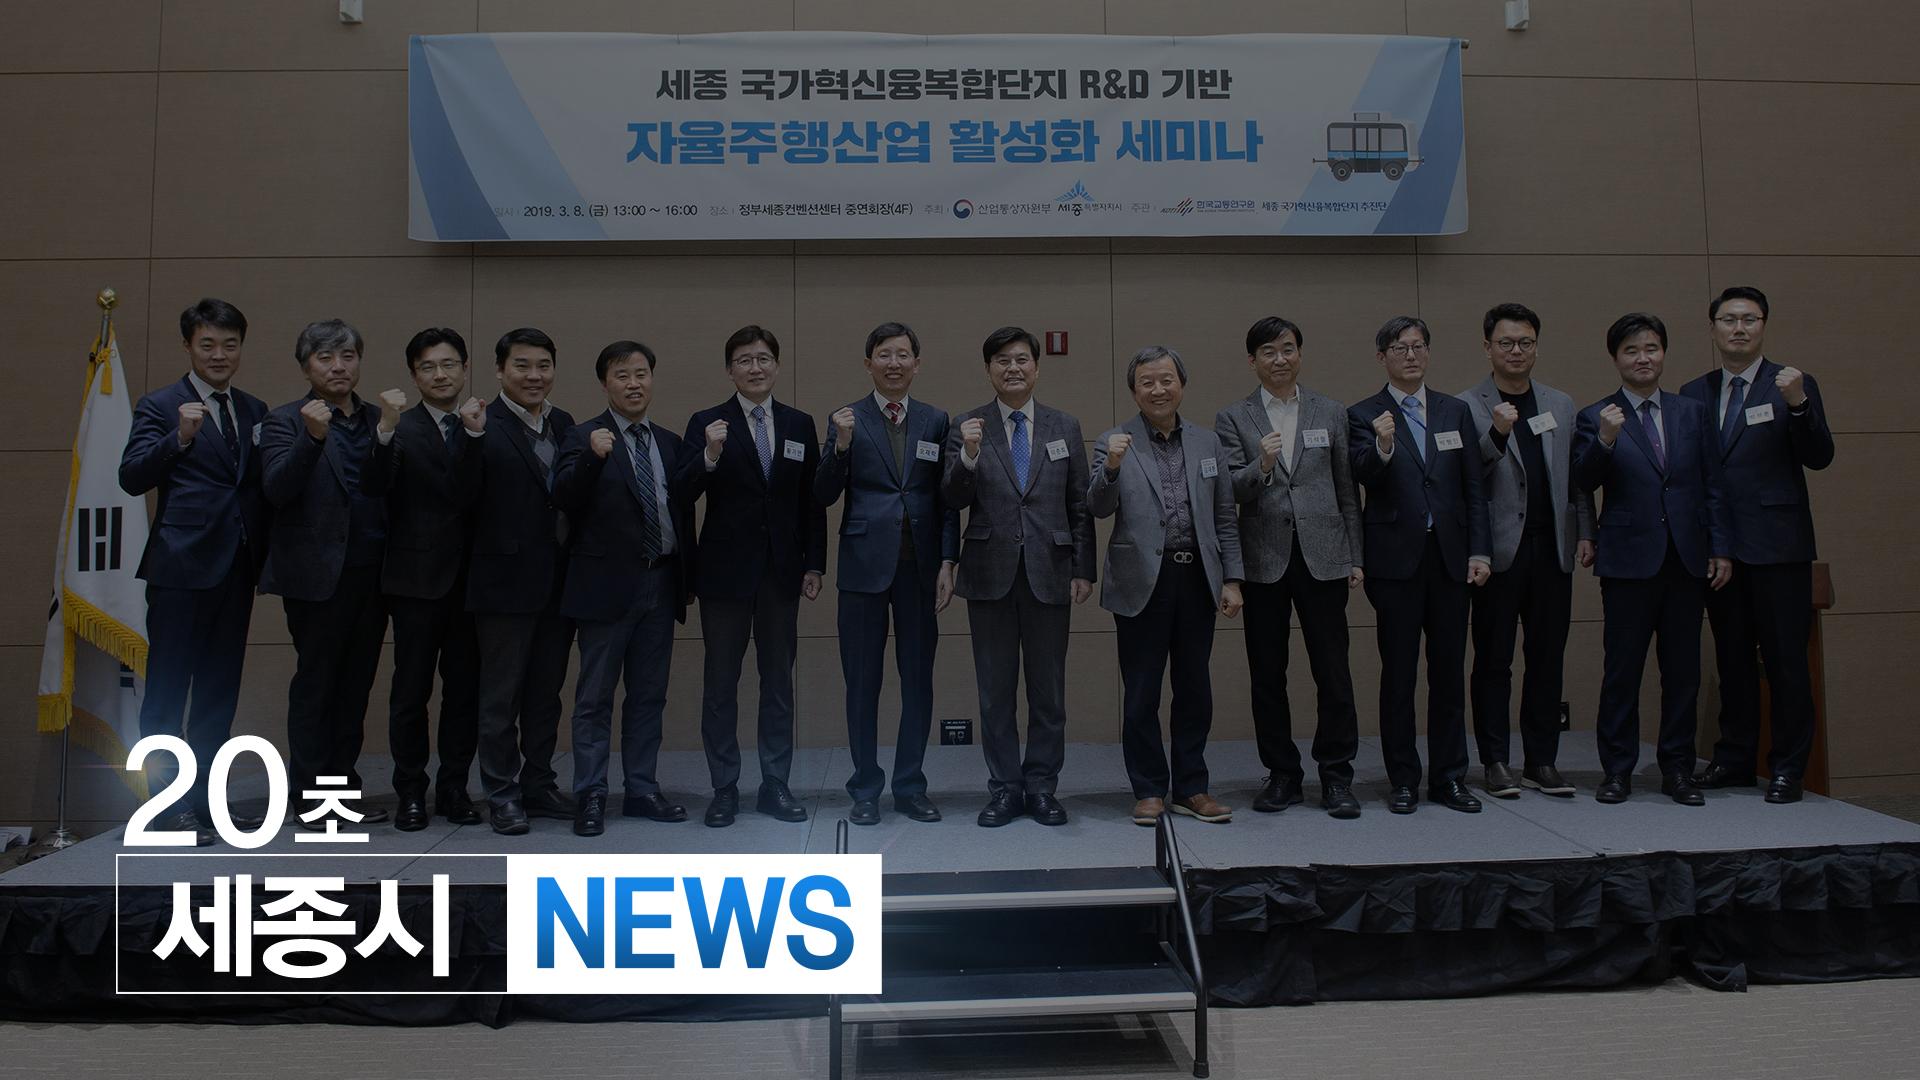 <20초뉴스> 산·학·연 전문가 참여 자율주행산업 활성화 세미나